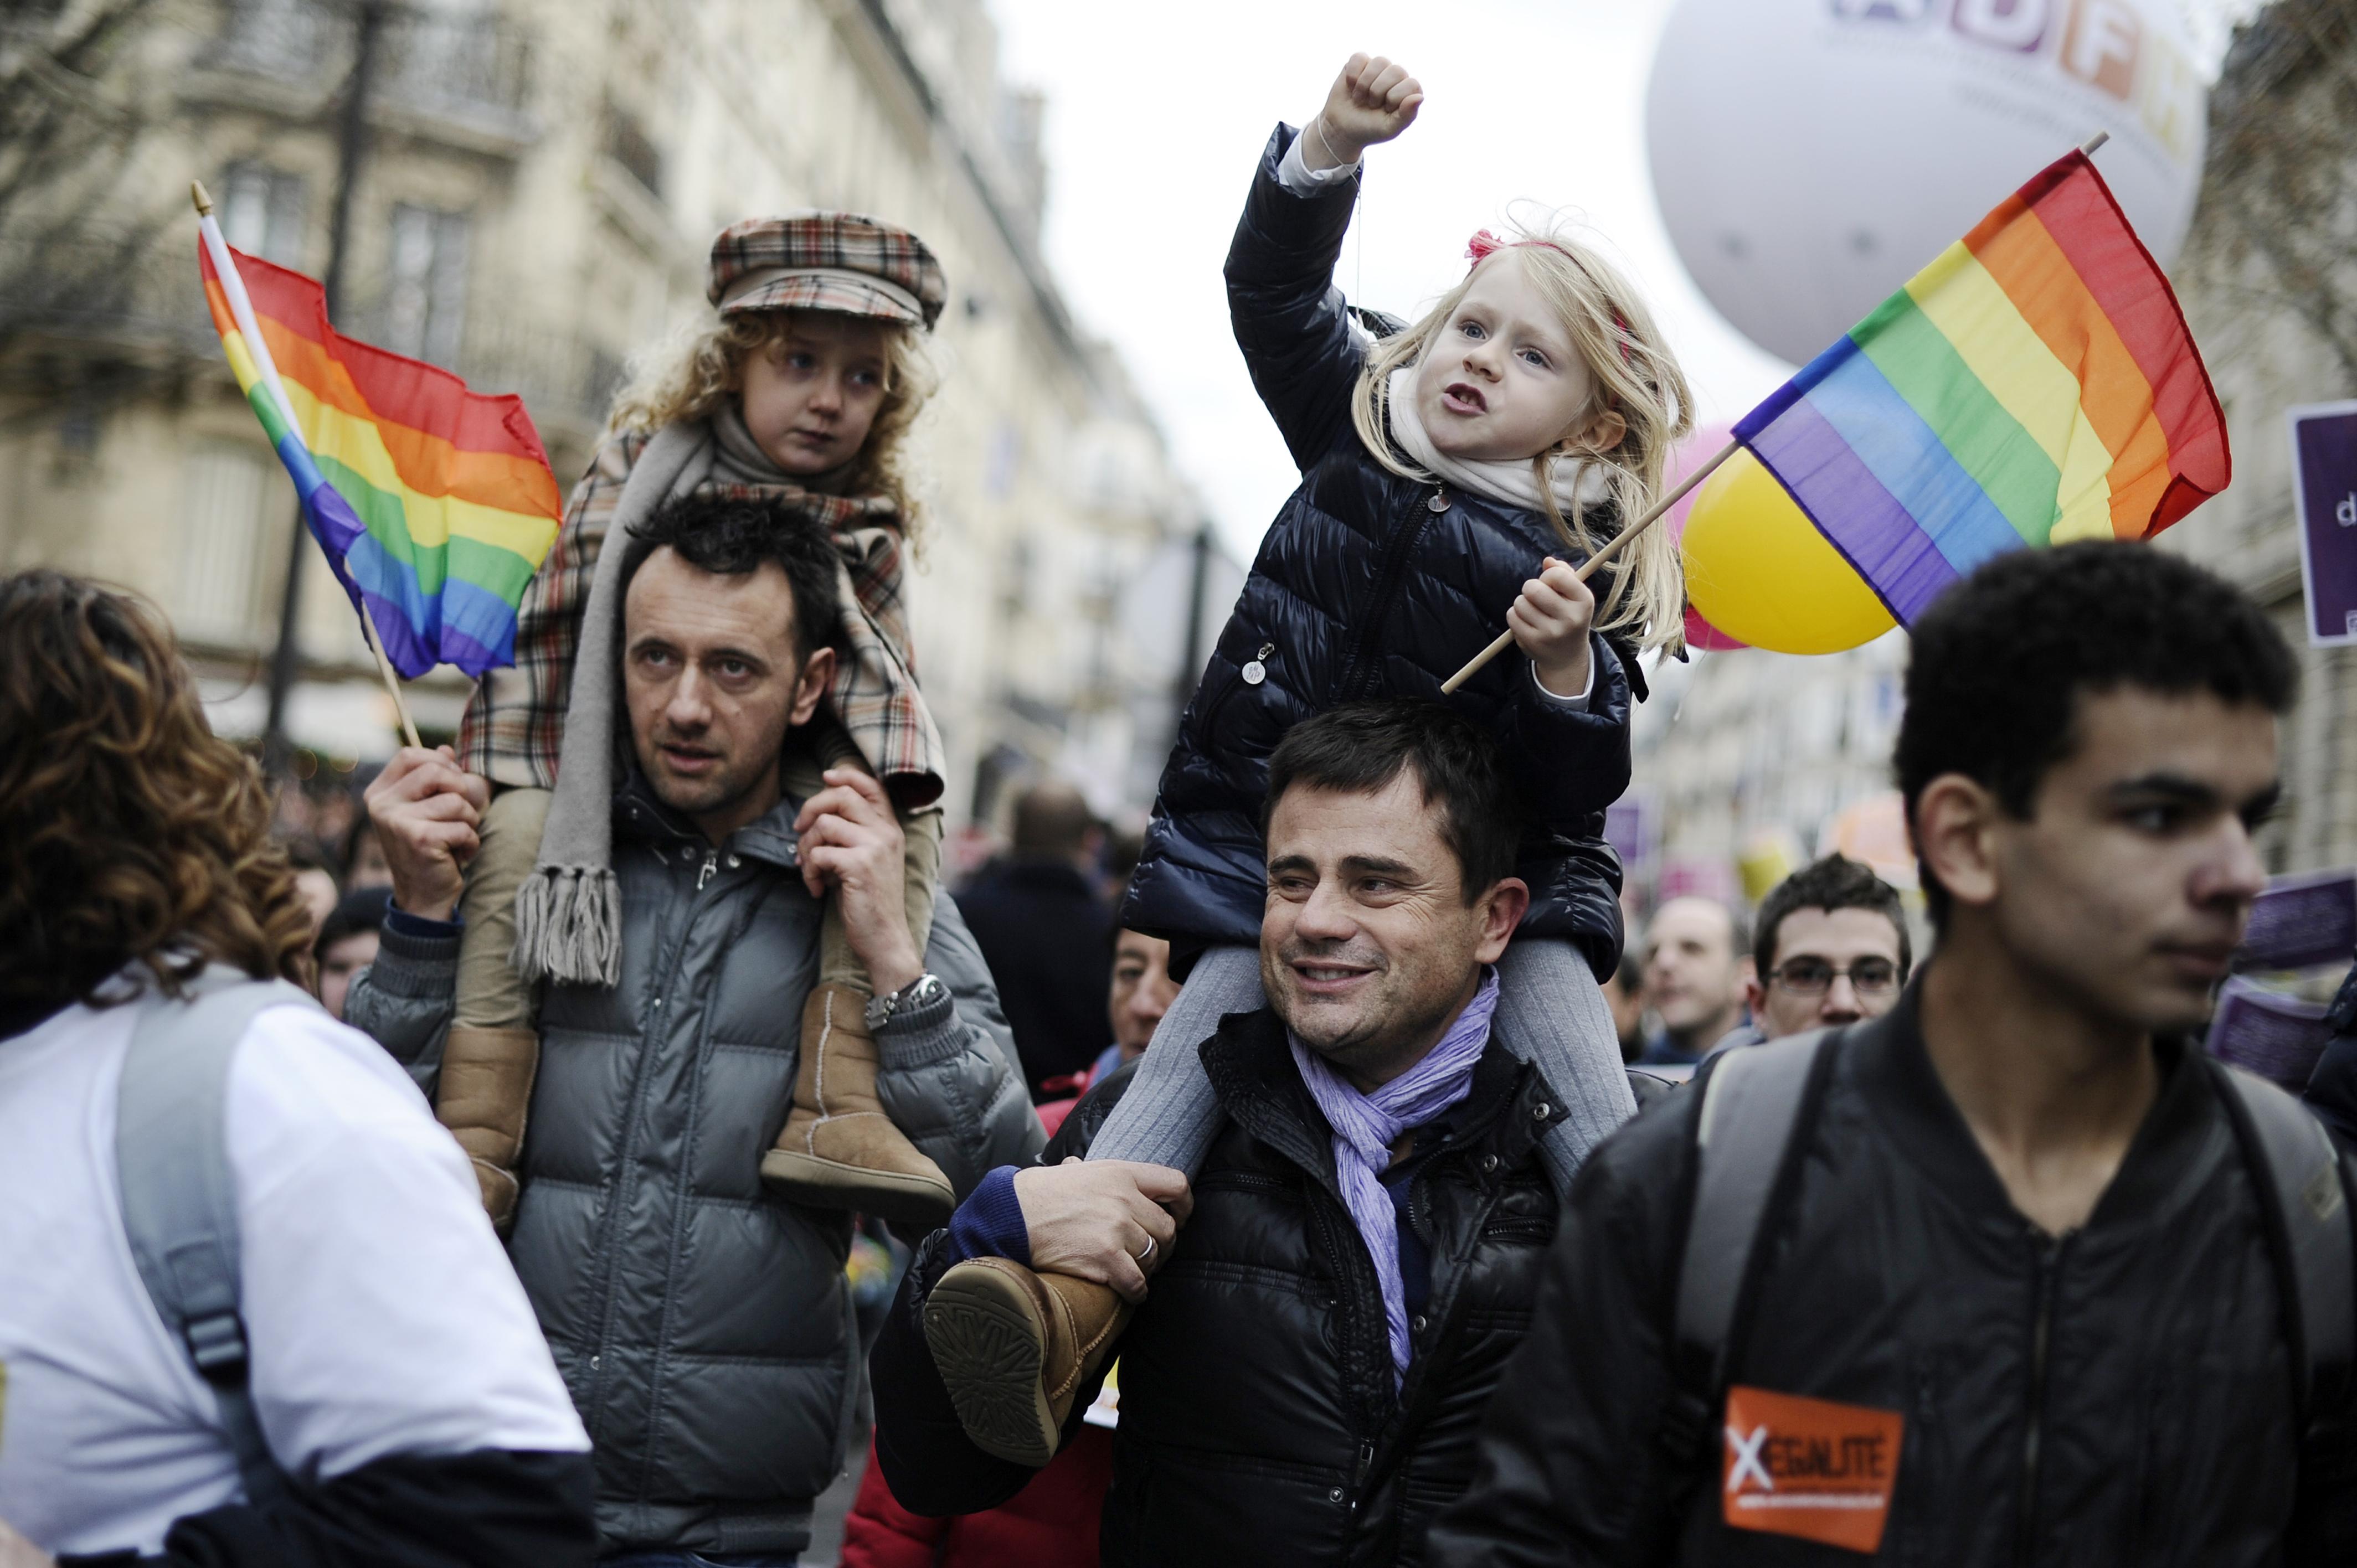 Cinsel Ayrımcılık LGBT Ebeveynlerden Çok, Çocuklar İçin Zararlı!